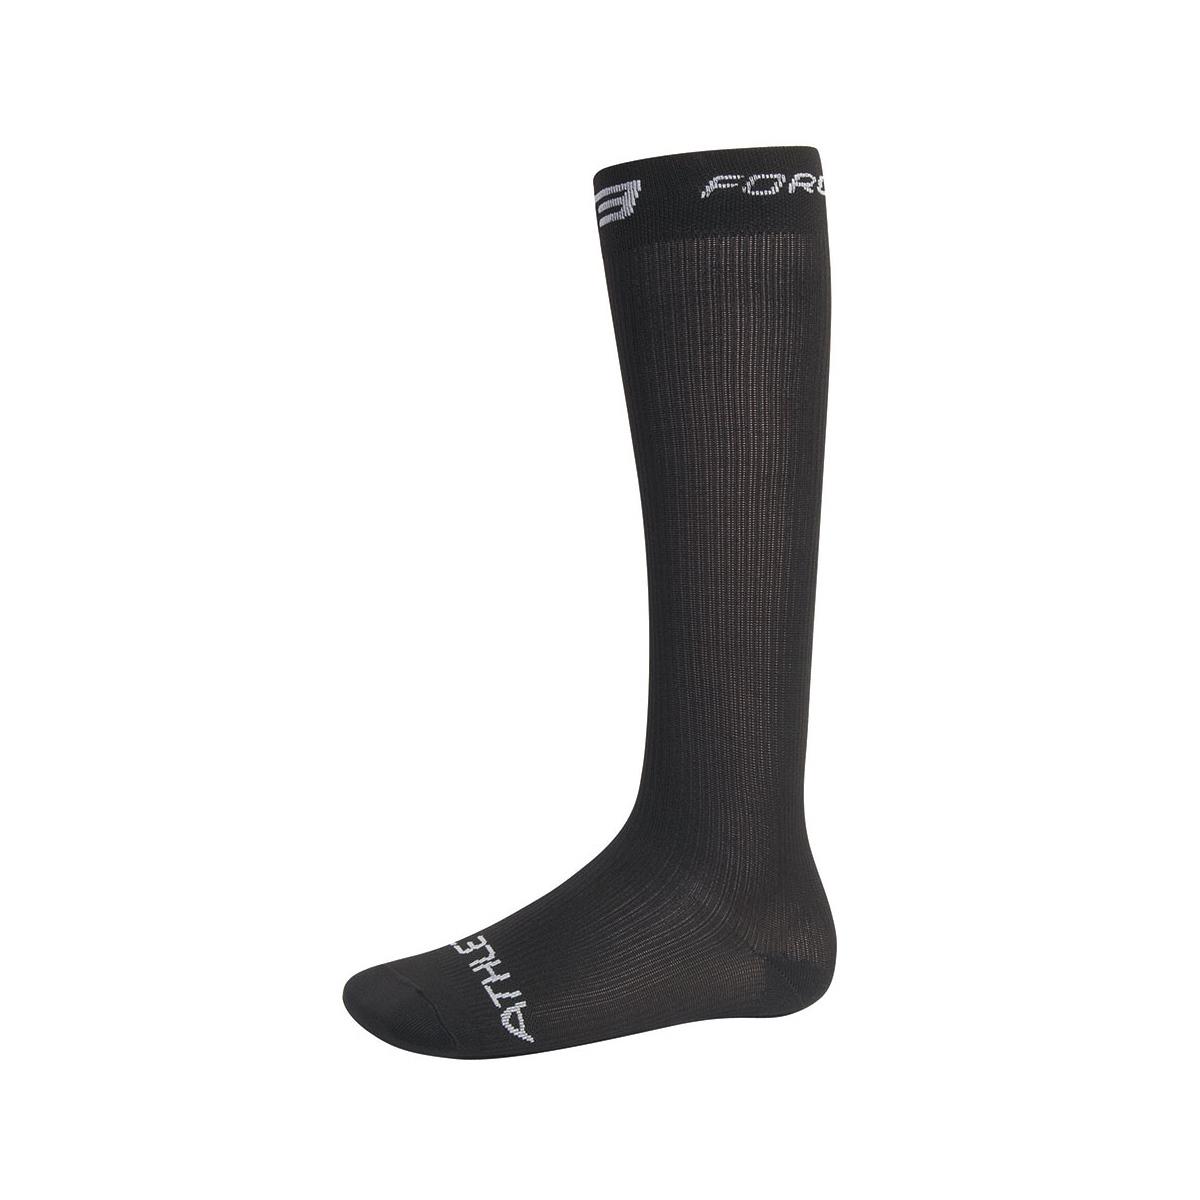 Ponožky FORCE ATHLETIC KOMPRES vel. S-M, černé